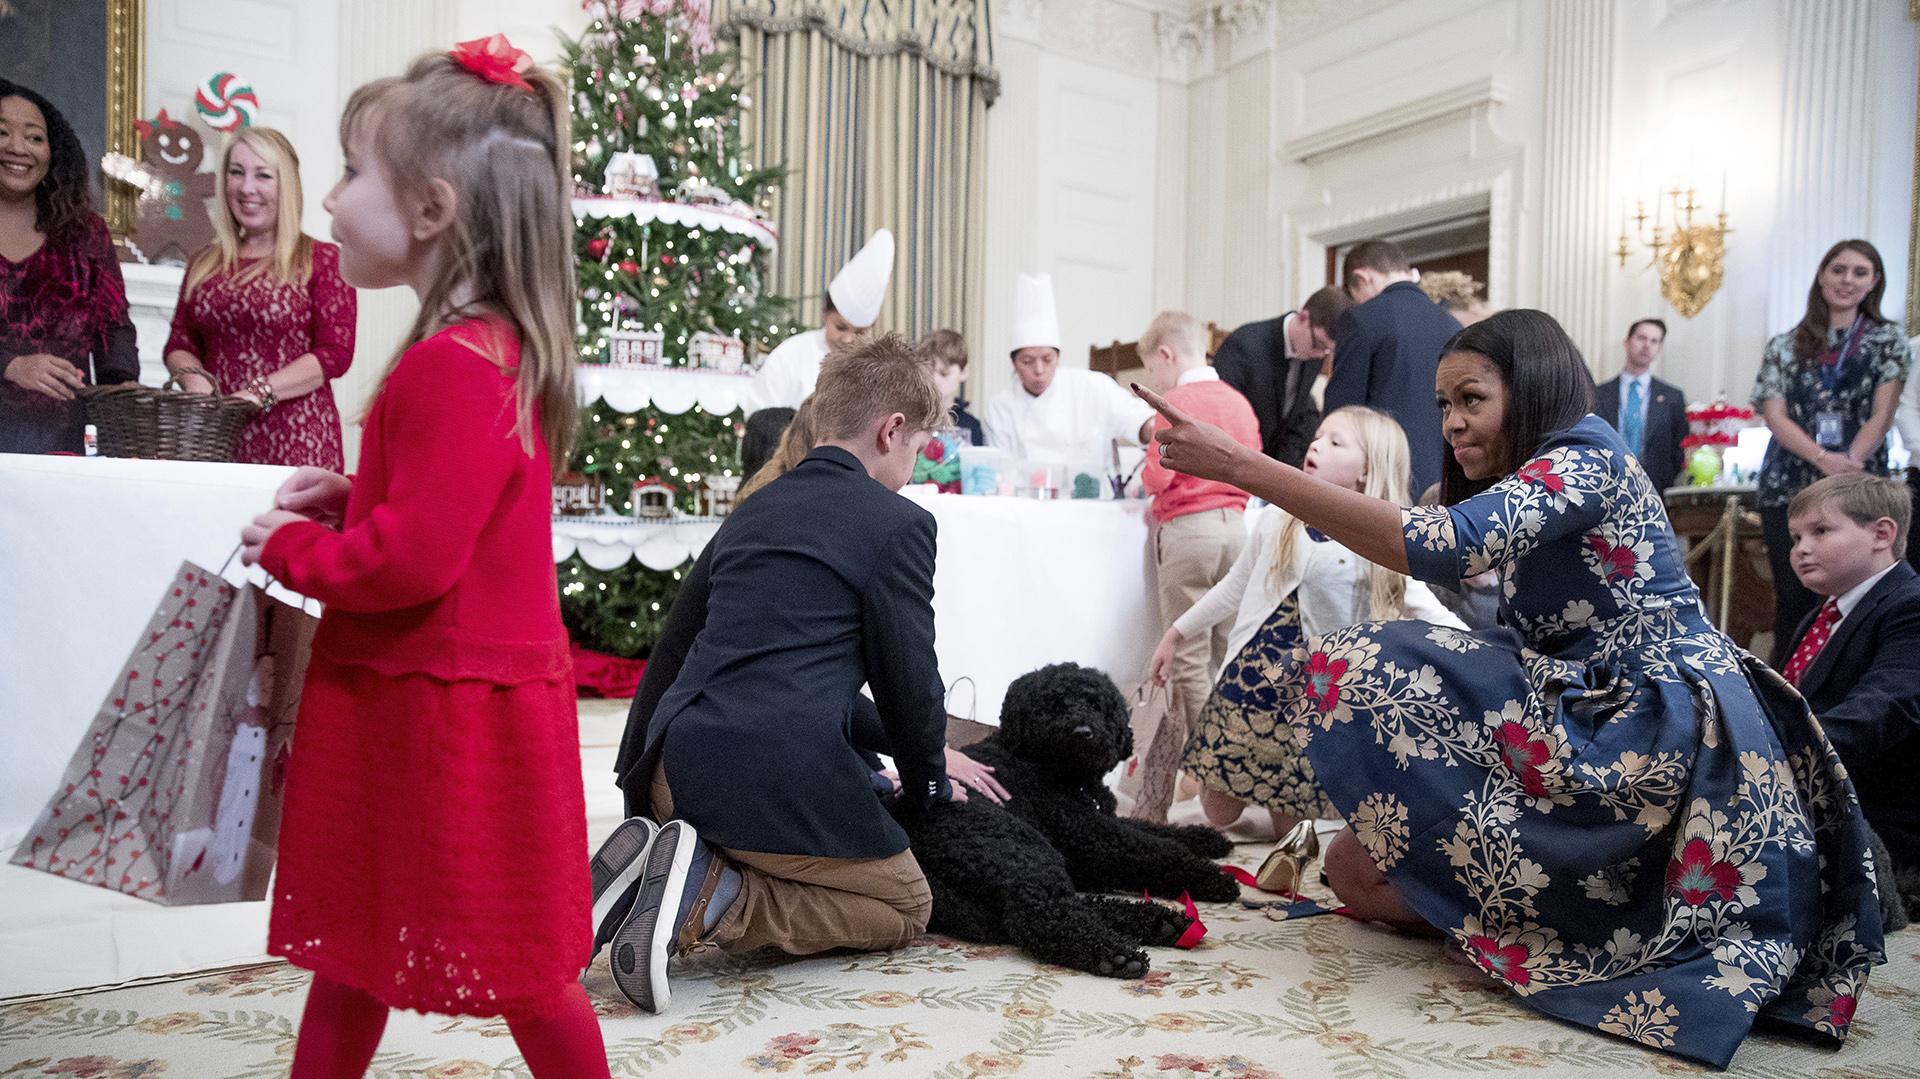 Michelle compartió con algunos niños esta inauguración de la temporada navideña, una velada en la que recorrieron las salas decoradas y comieron algunas galletas y dulces